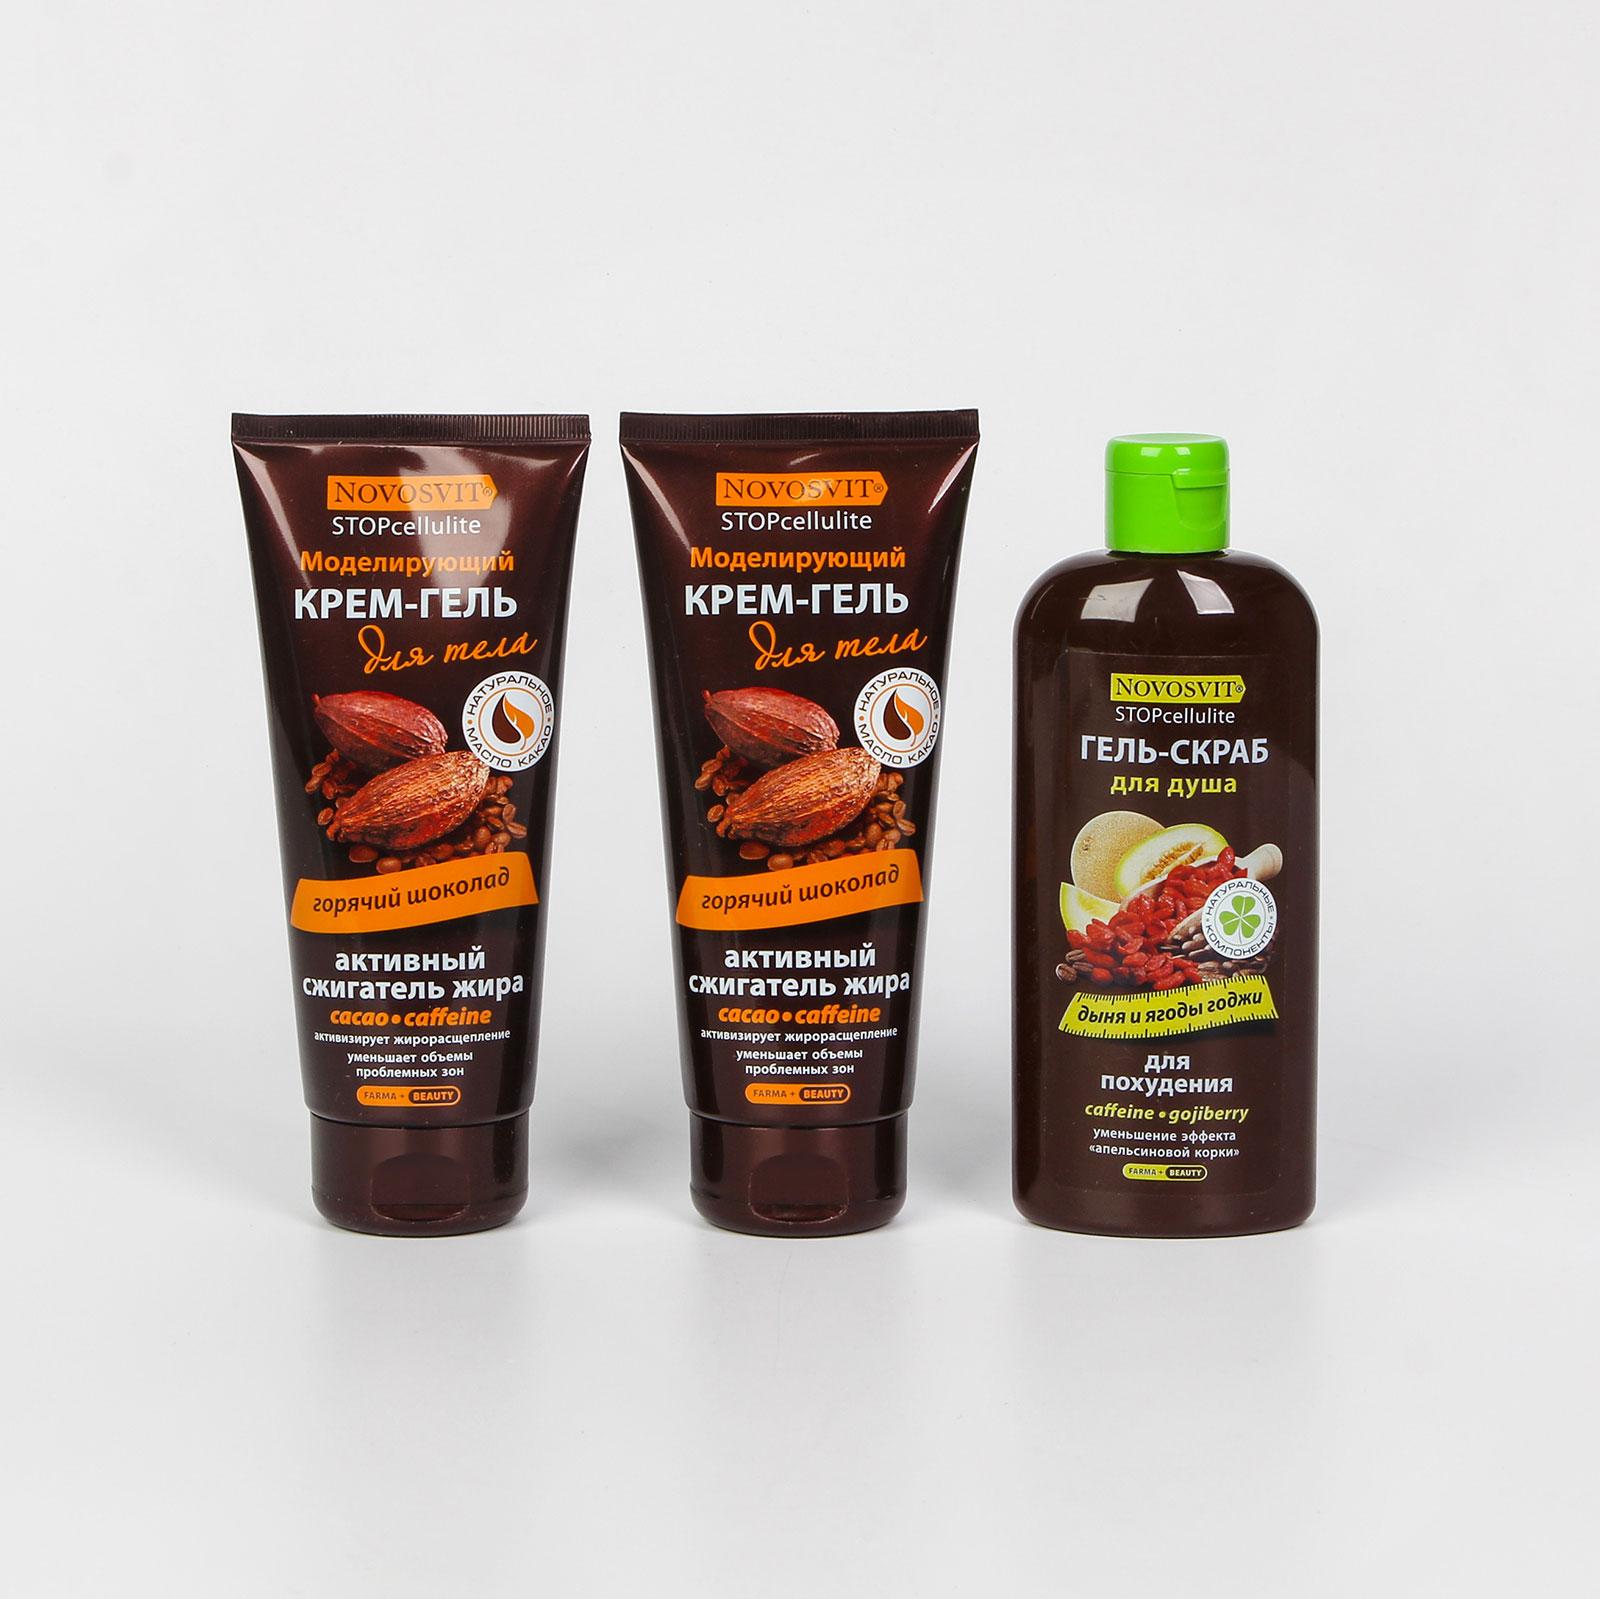 """Моделирующий крем-гель для тела """"горячий шоколад"""", 2 шт."""